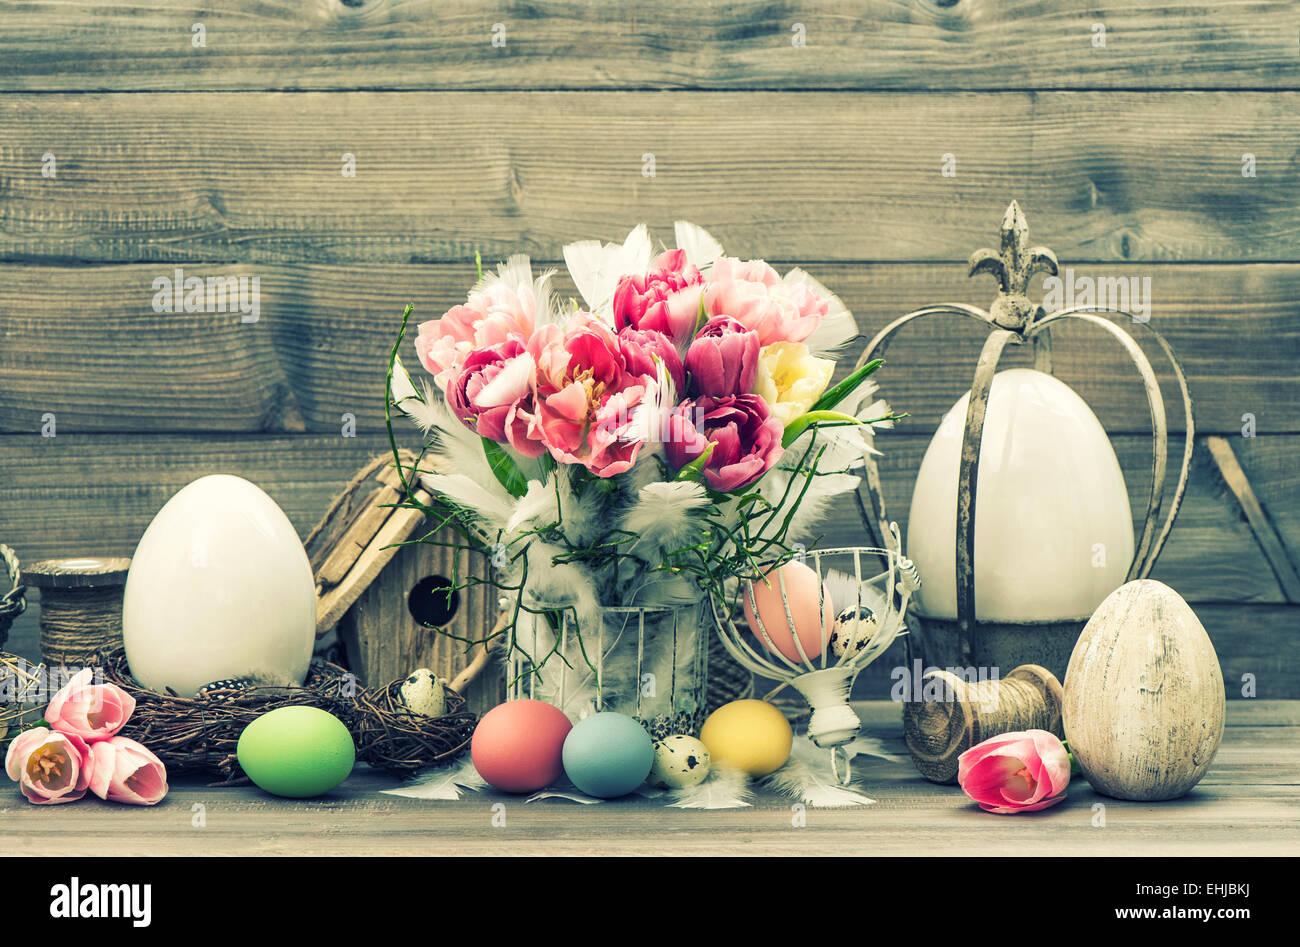 Ostern-Stil leben. Dekoration mit Tulpe Blumen und gefärbten Eiern. Vintage-Stil getönten Bild Stockbild